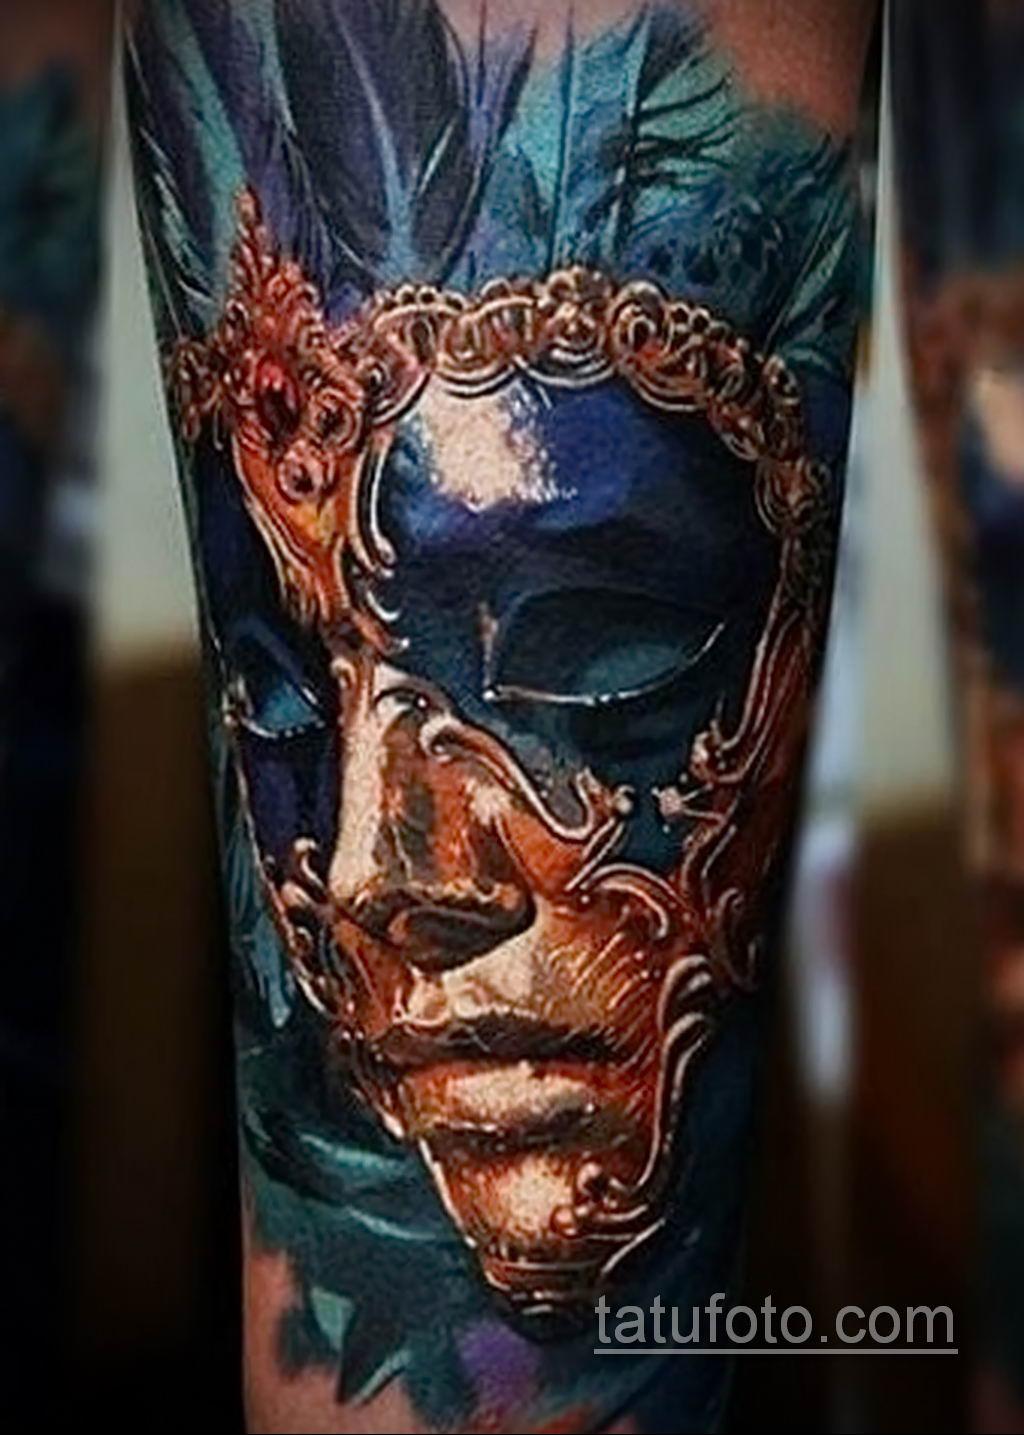 Фото тату театральные маски 09.09.2019 №117 - tattoo theater masks - tatufoto.com